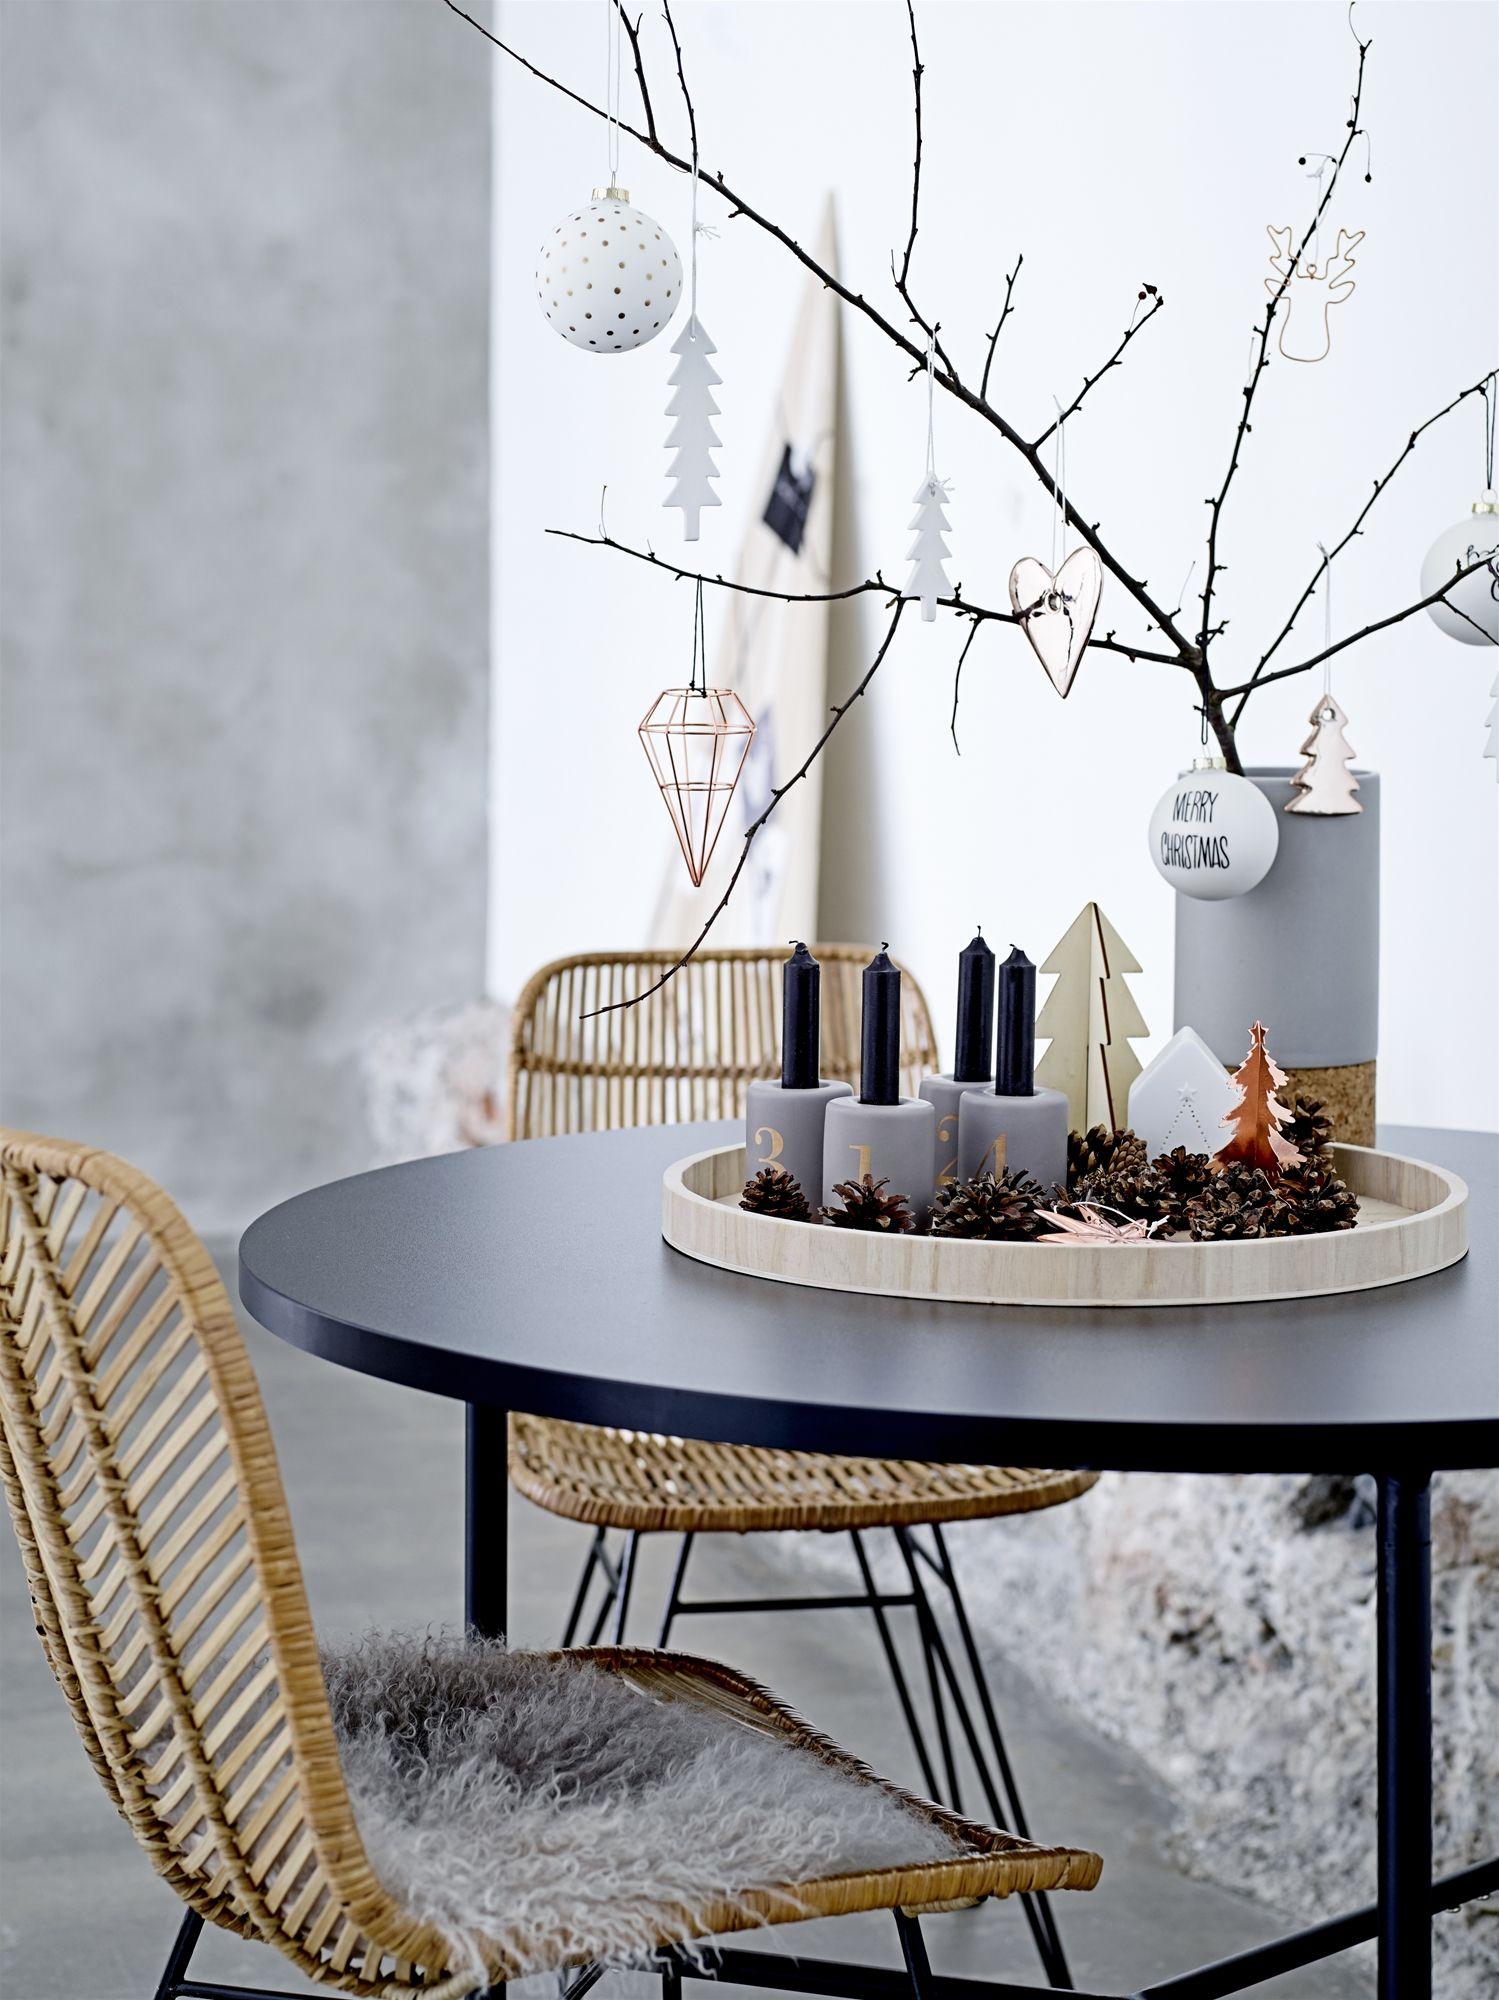 12 moderne adventskranz ideen home decor weihnachten. Black Bedroom Furniture Sets. Home Design Ideas